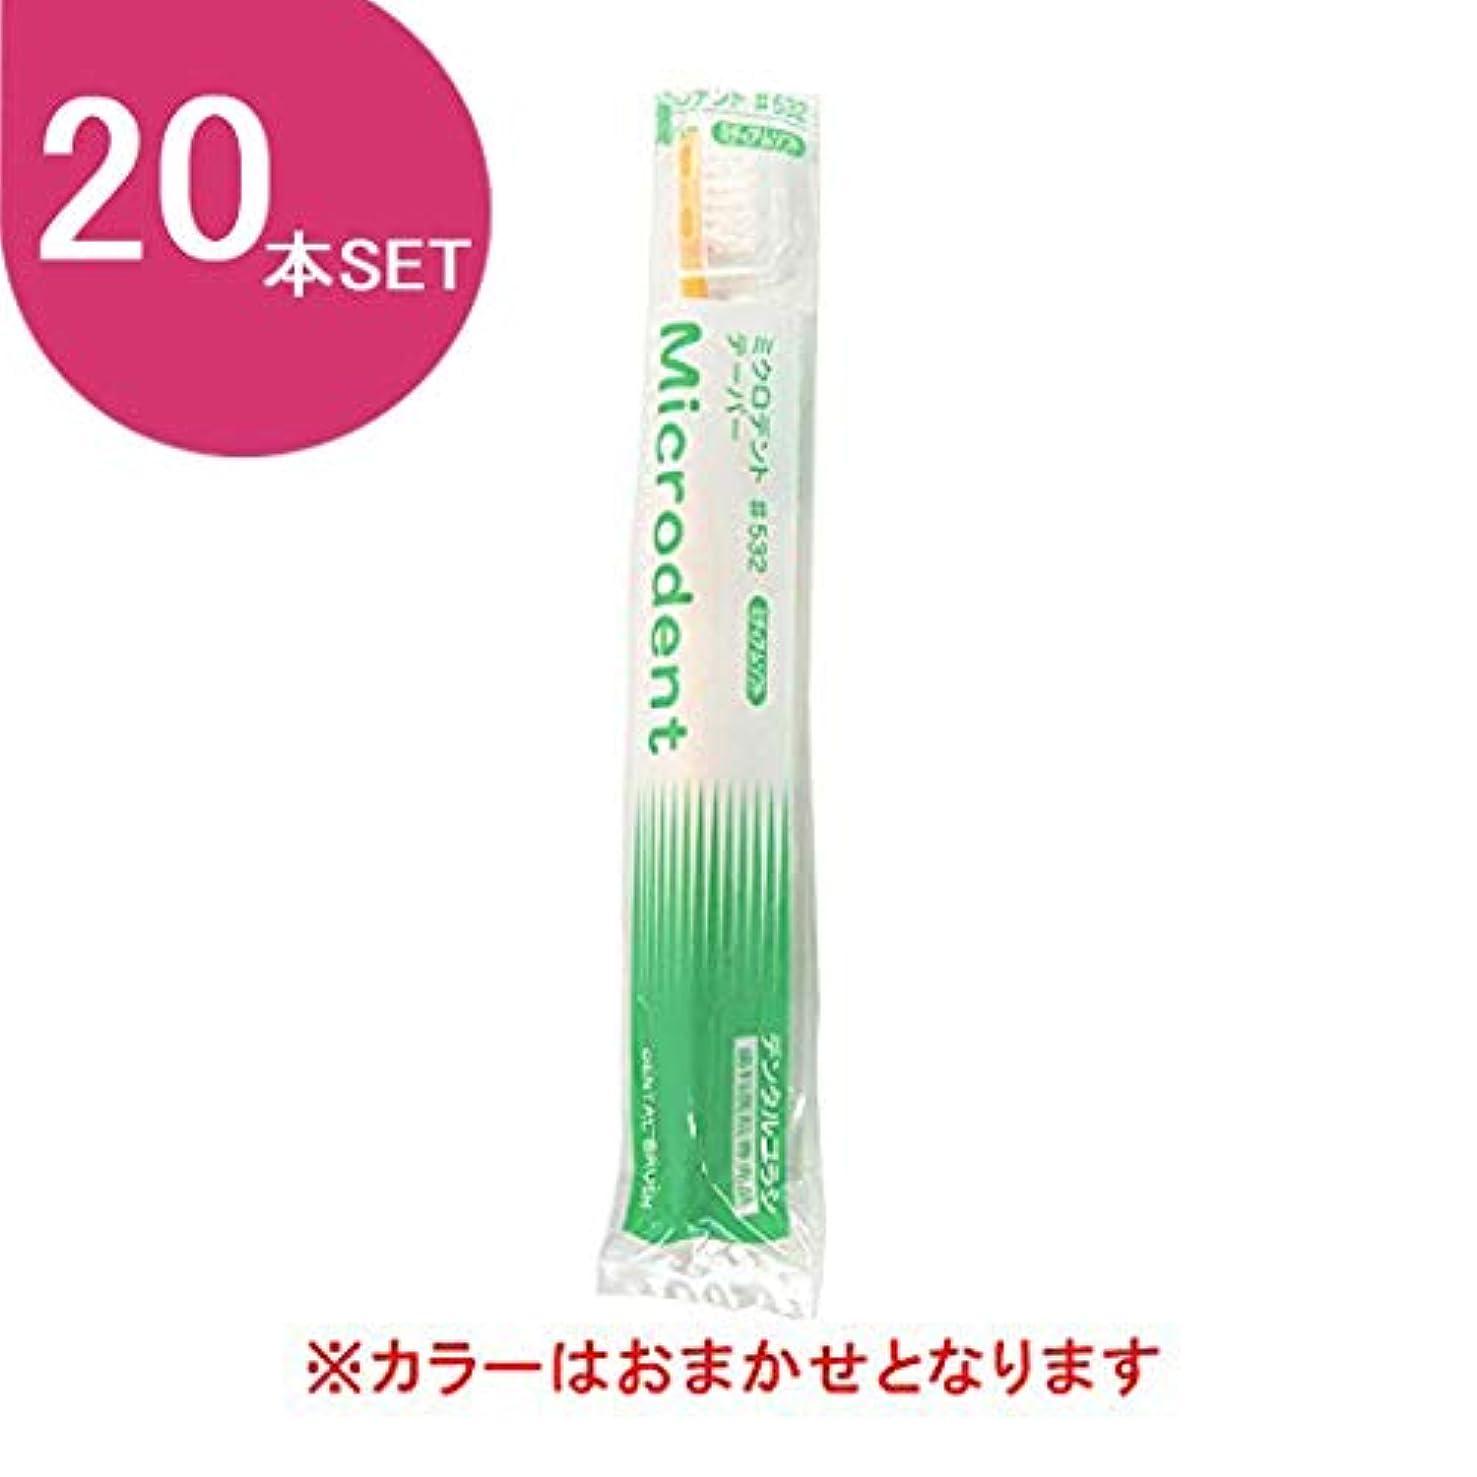 大工勝つ資料白水貿易 ミクロデント (Microdent) 20本 #532 (ミディアム)